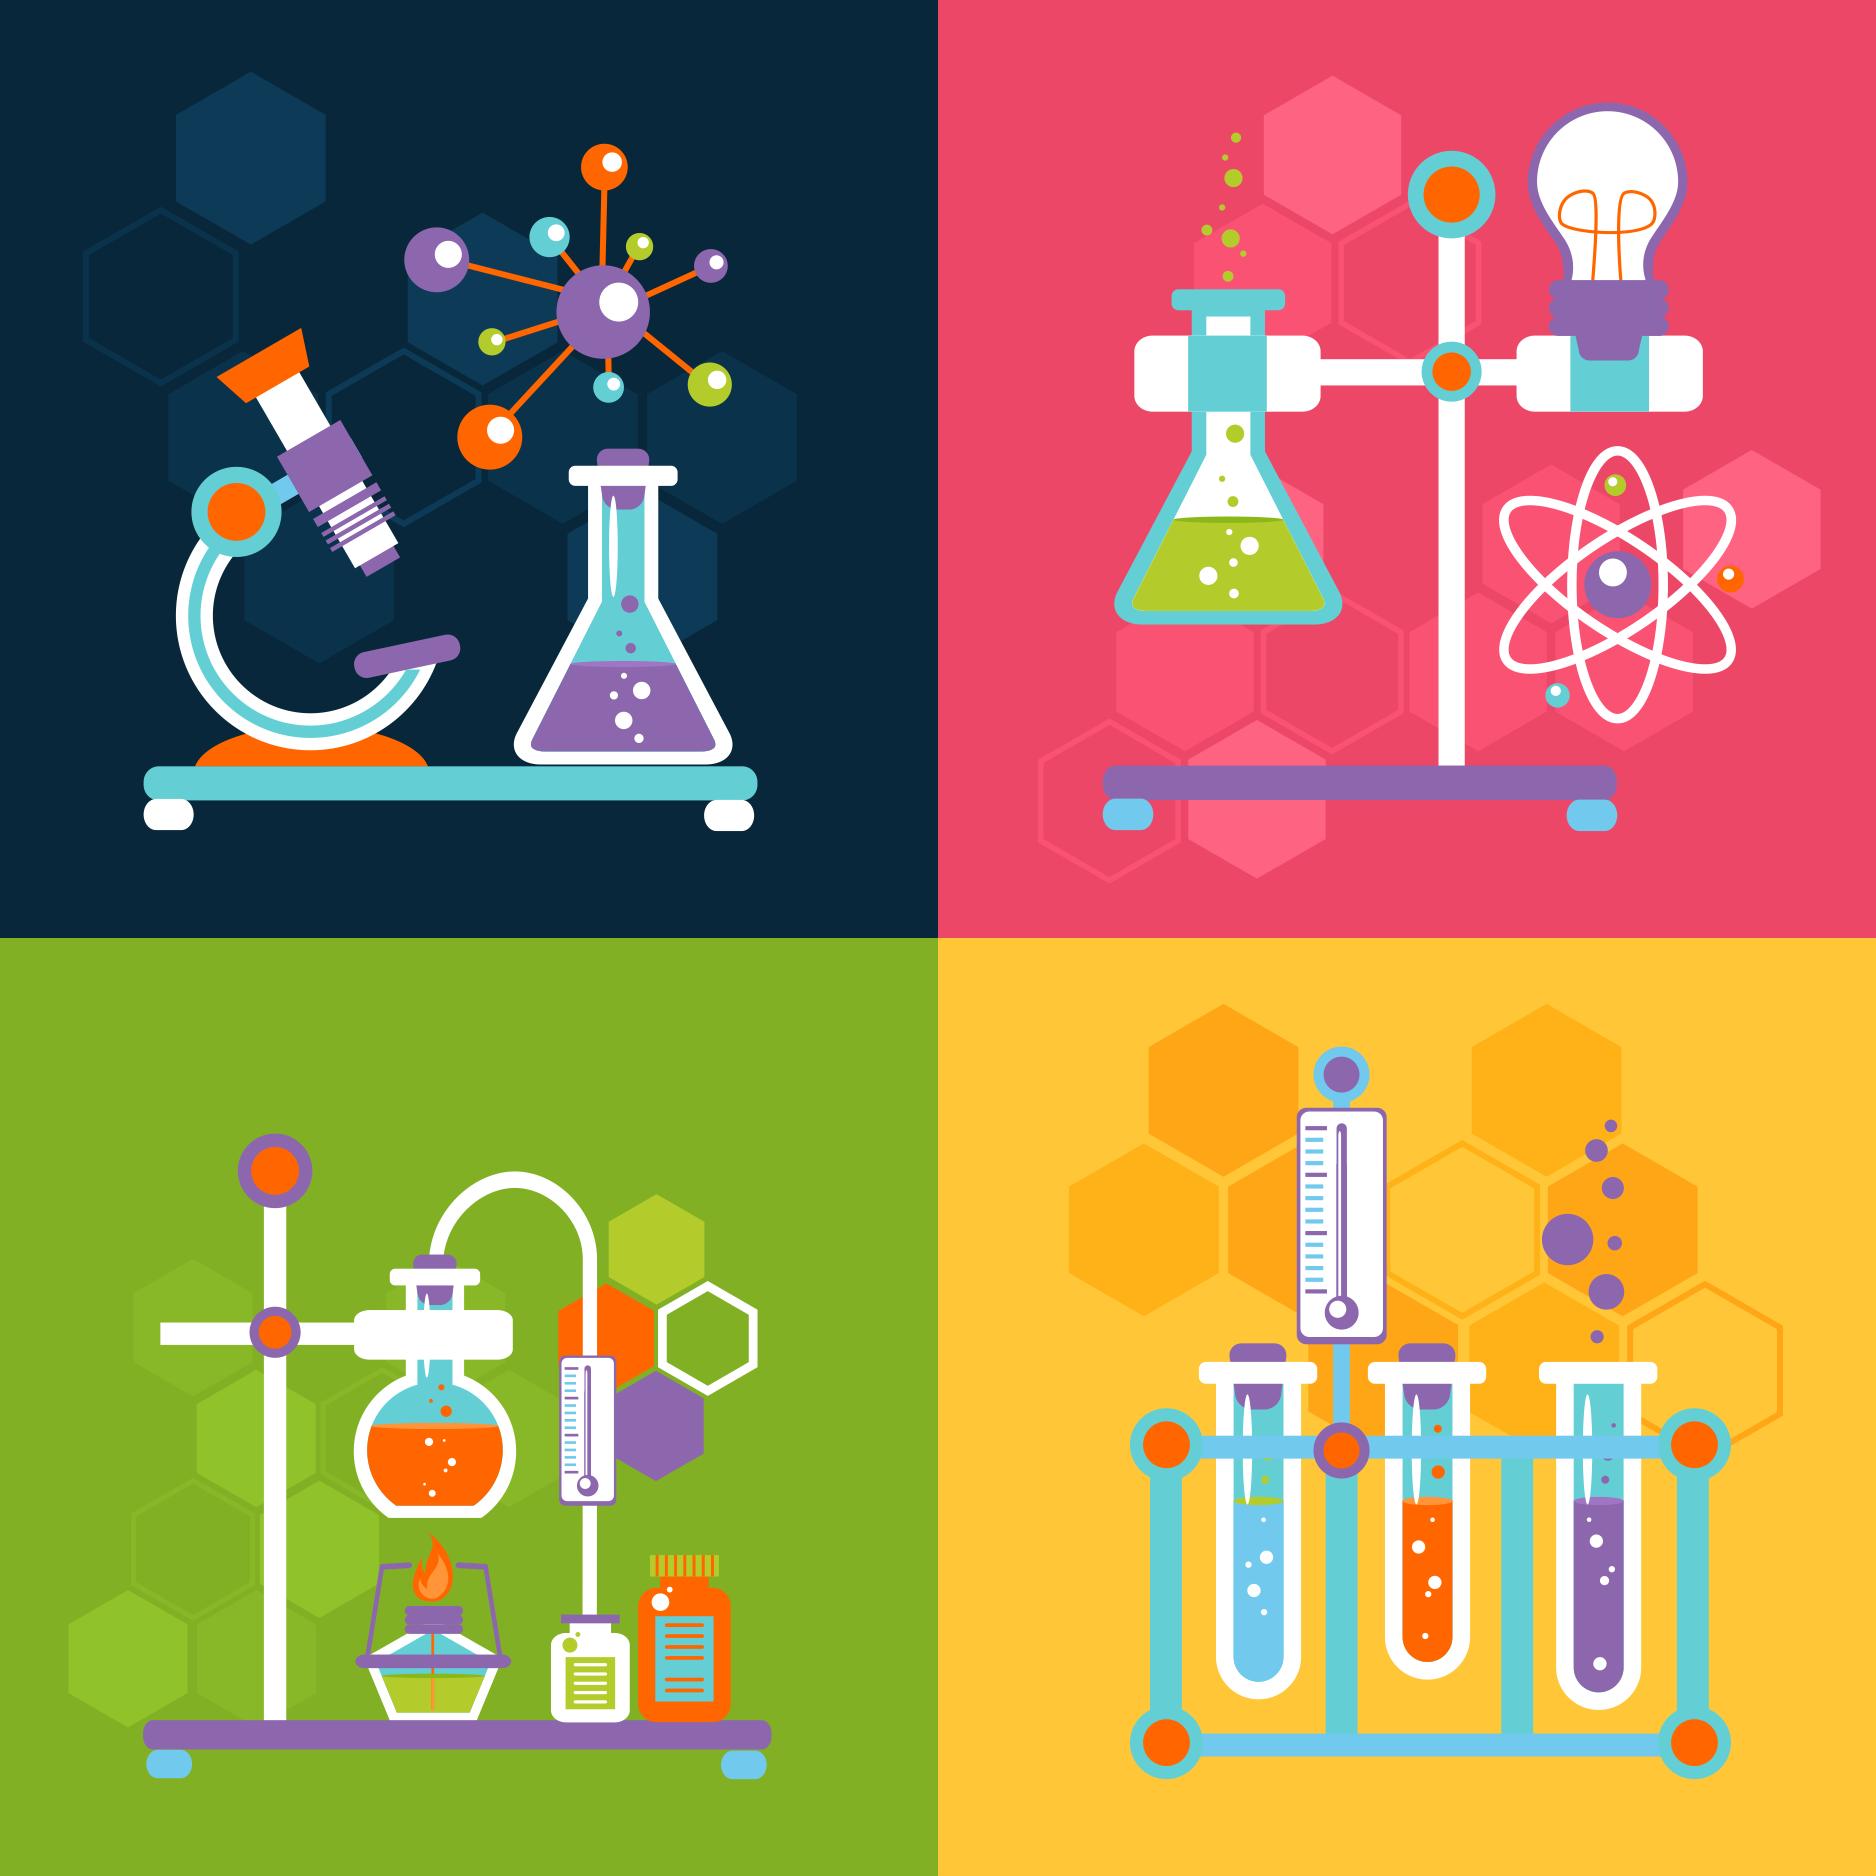 Ejemplos De Fenomenos Fisicoquimicos Fisicoquimica Quimica Ciencia De Los Materiales